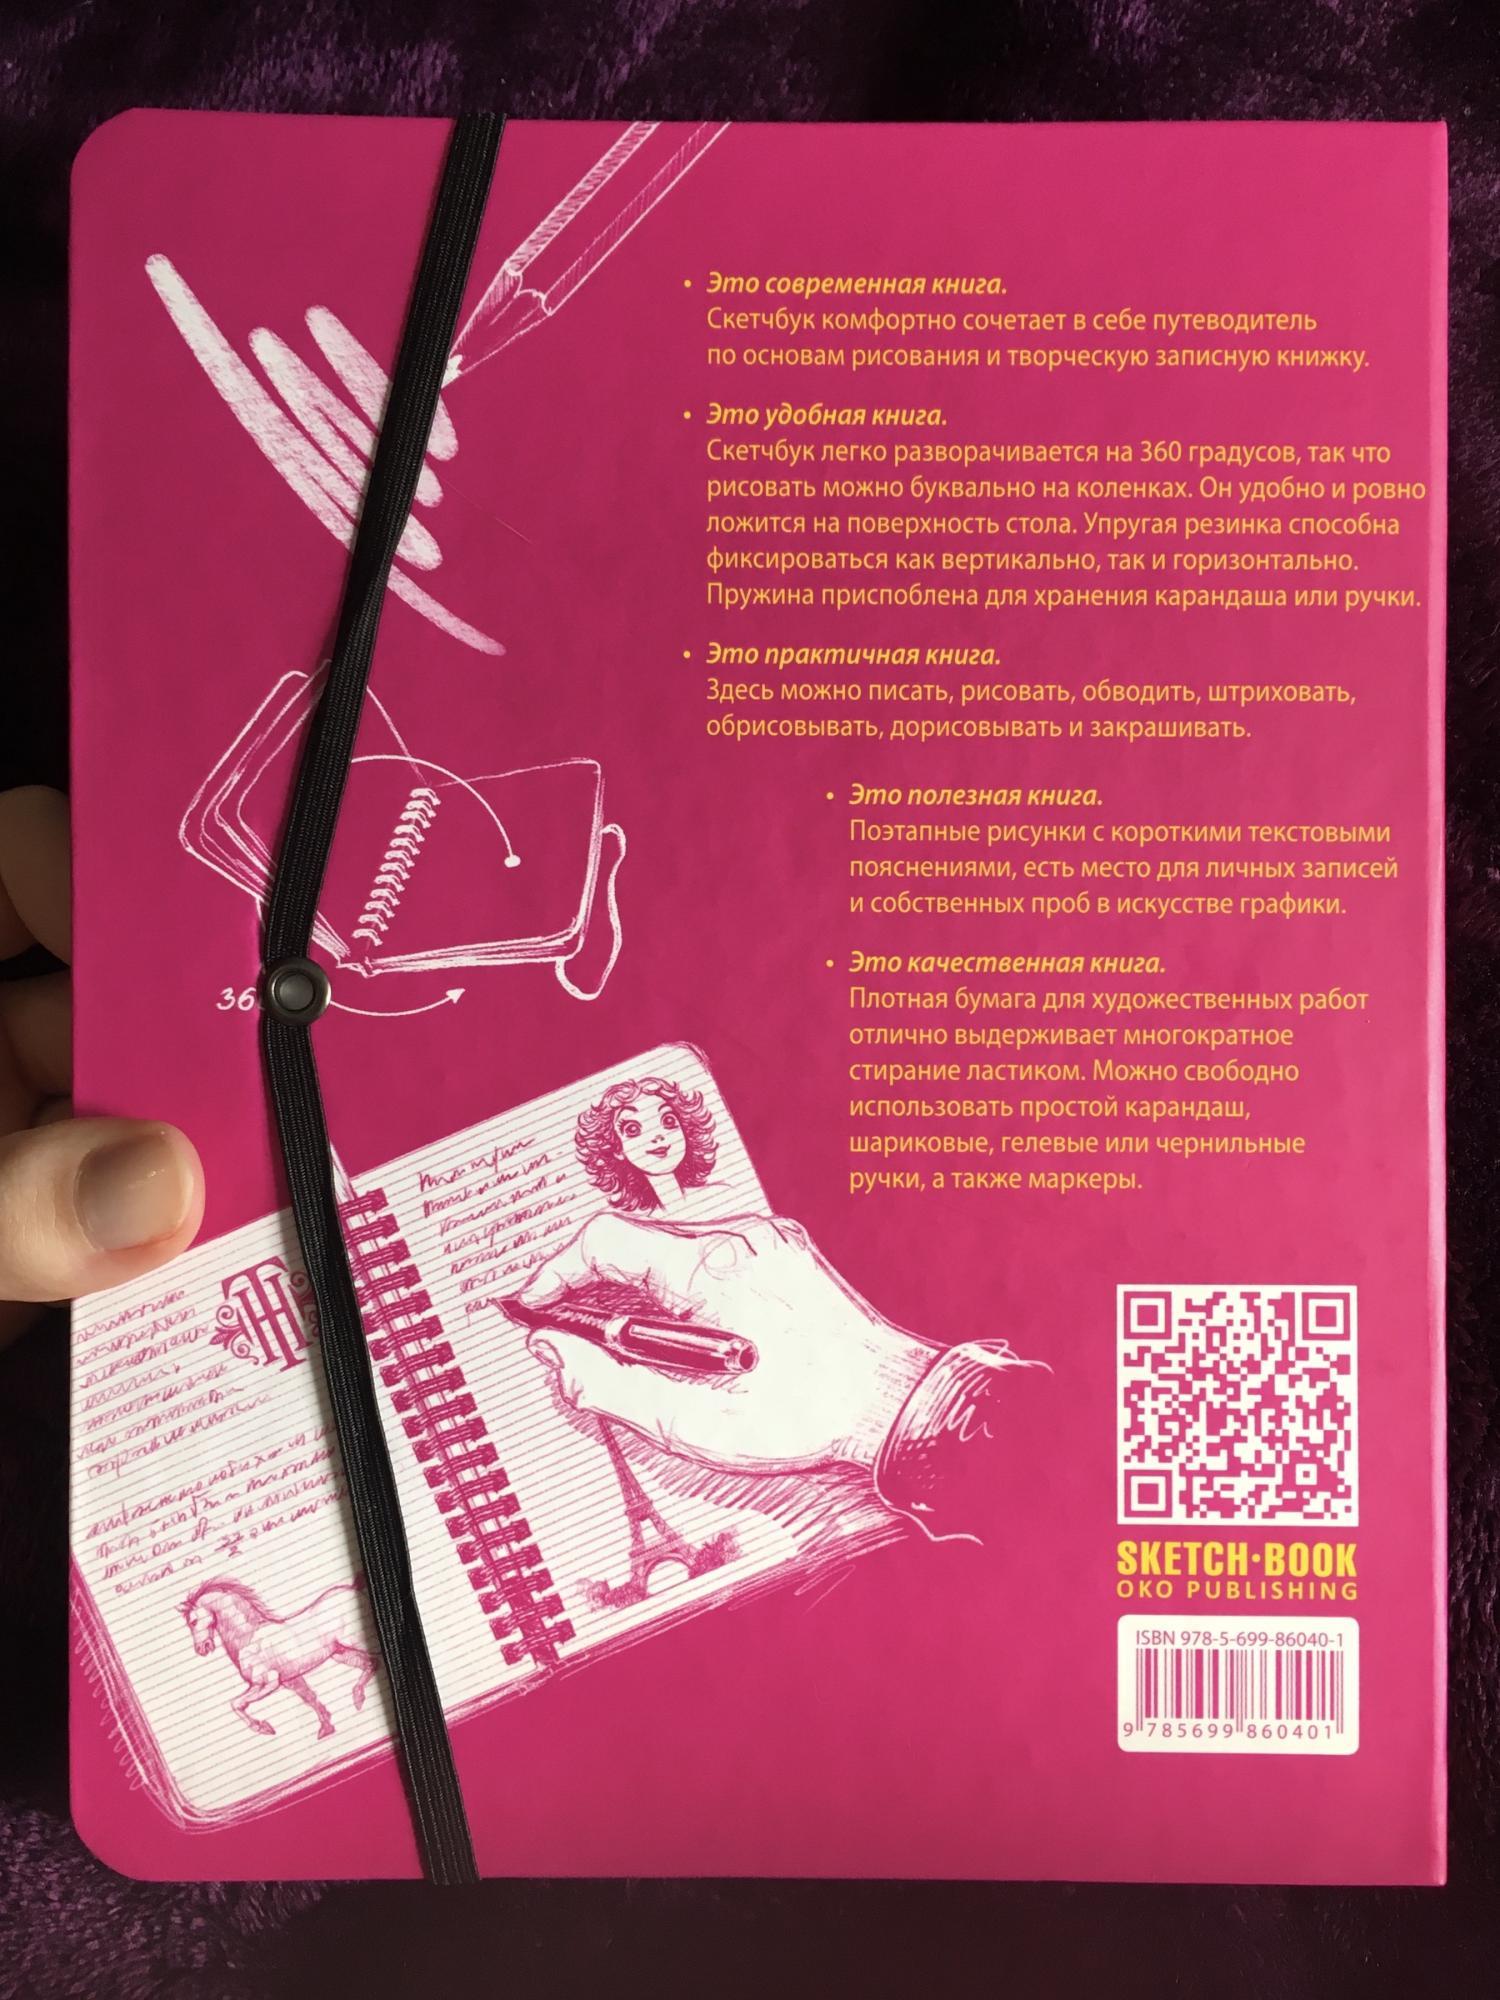 Sketch book базовый в Москве 89775750389 купить 2